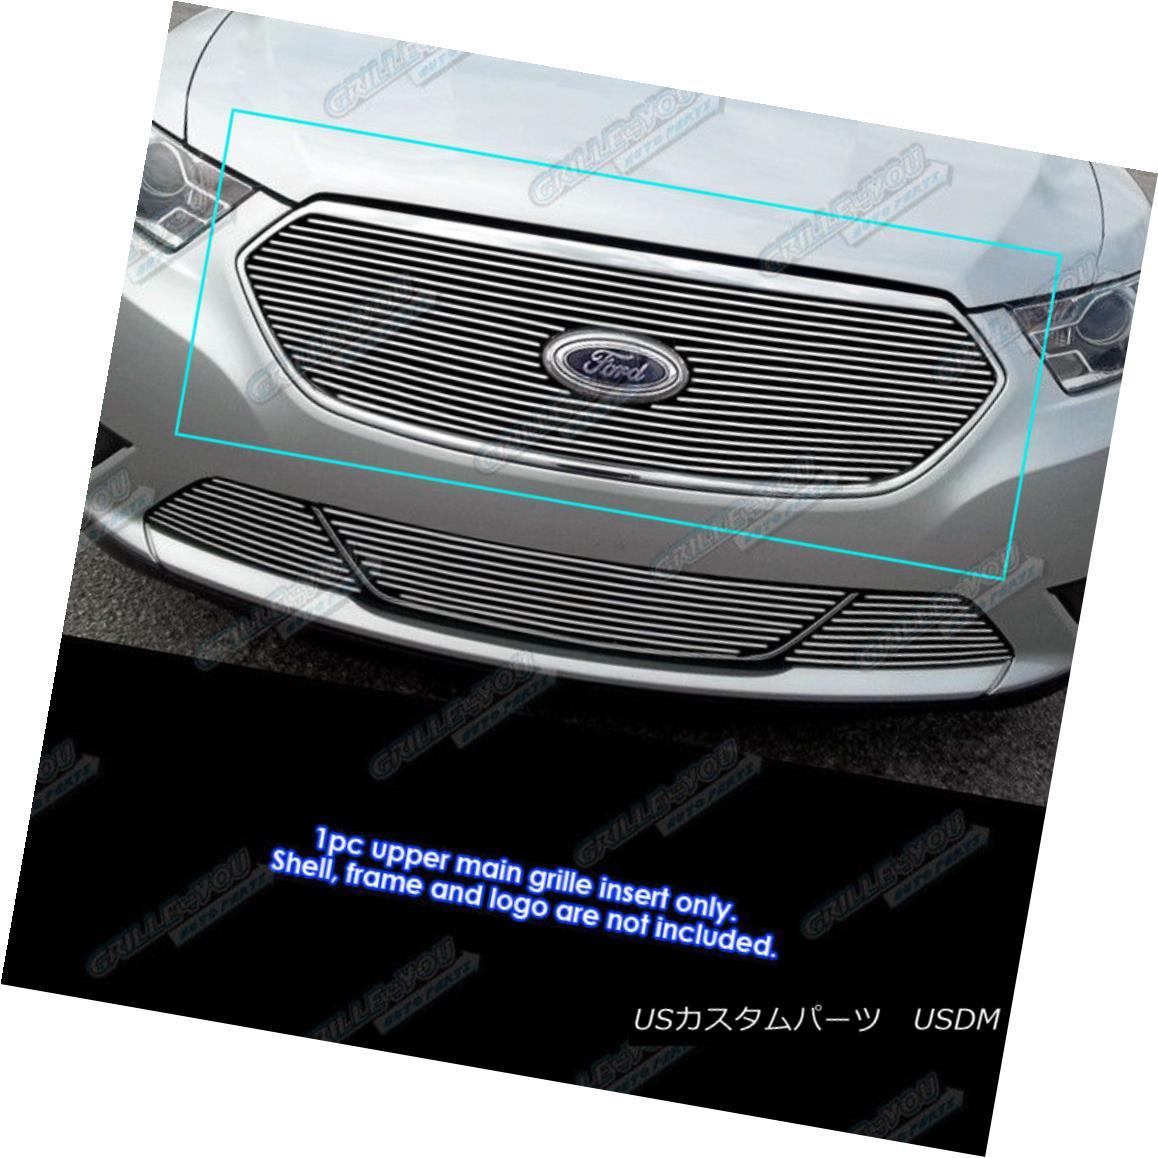 グリル Fits 2013-2018 Ford Taurus SHO Logo Show Billet Grille Insert 2013-2018 Ford Taurus SHOロゴ表示ビレットグリルインサート